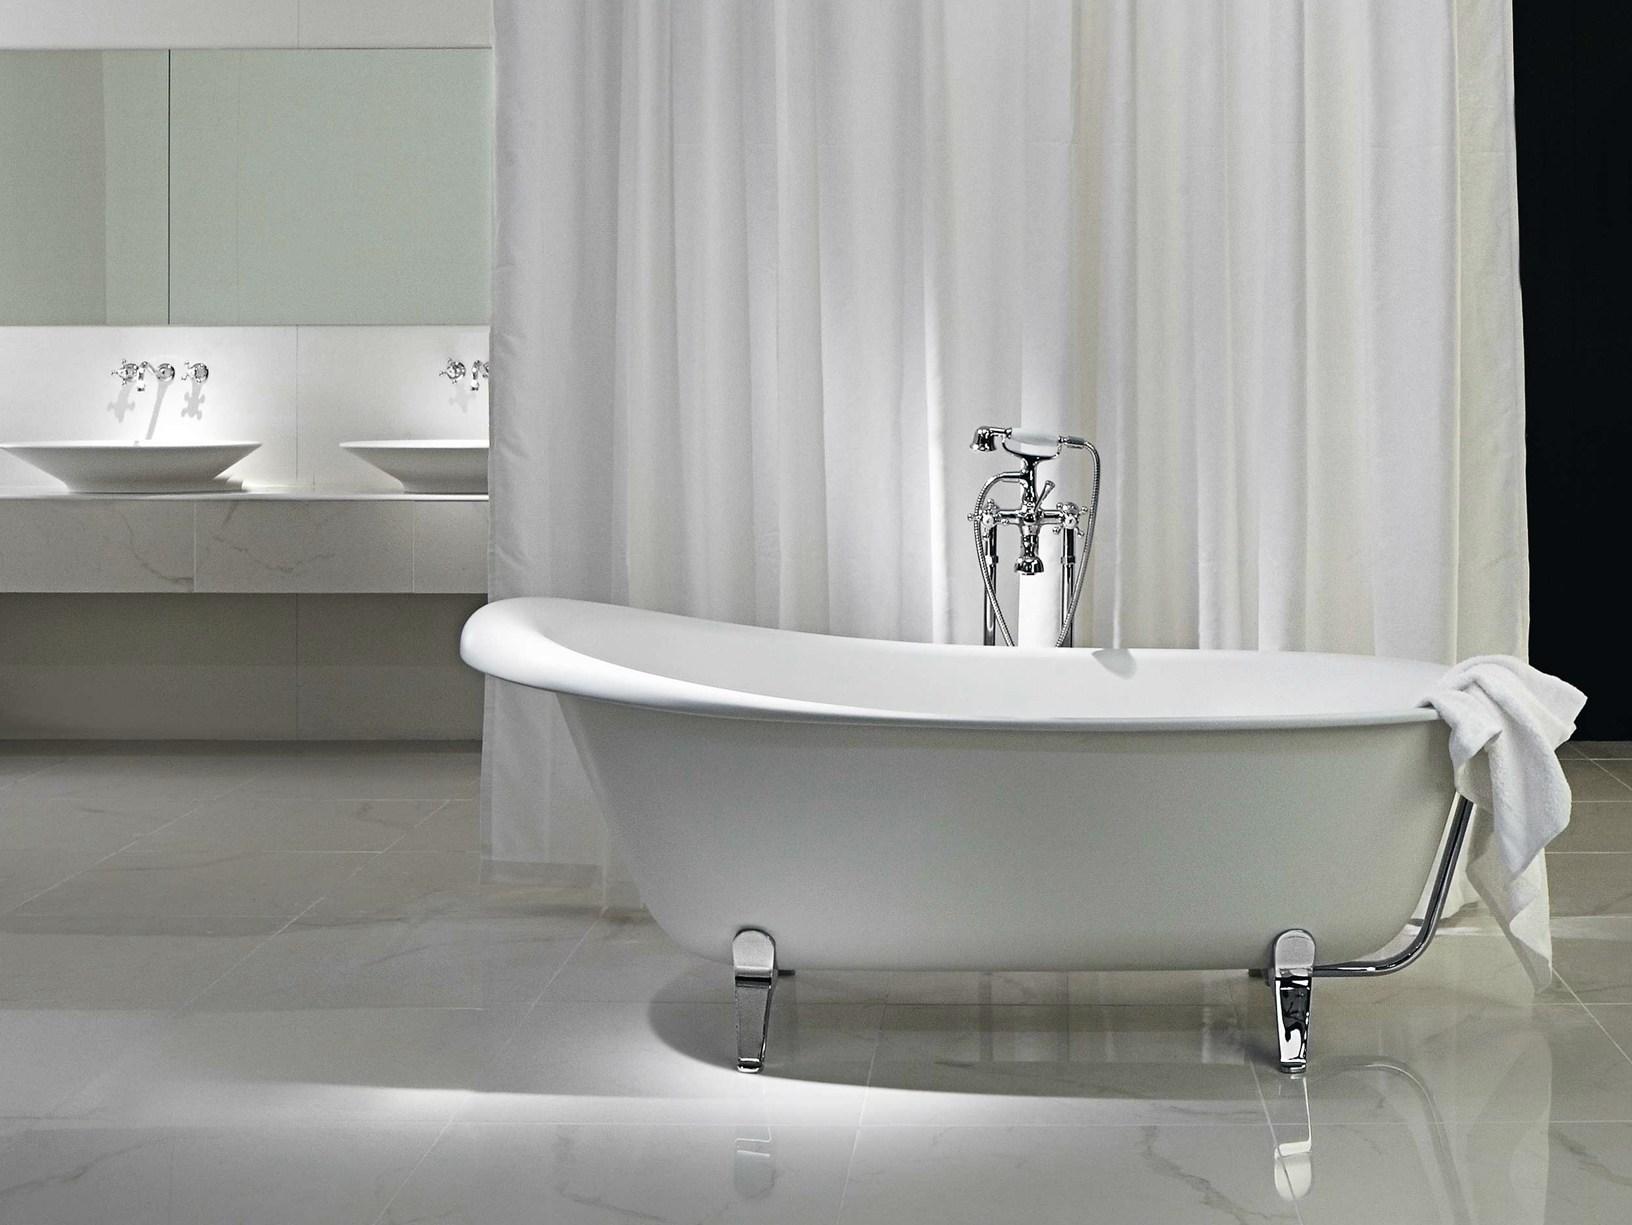 Vasche Da Bagno Vintage Prezzi : Kos vasche da bagno vasche da bagno edilceramiche di maccanò